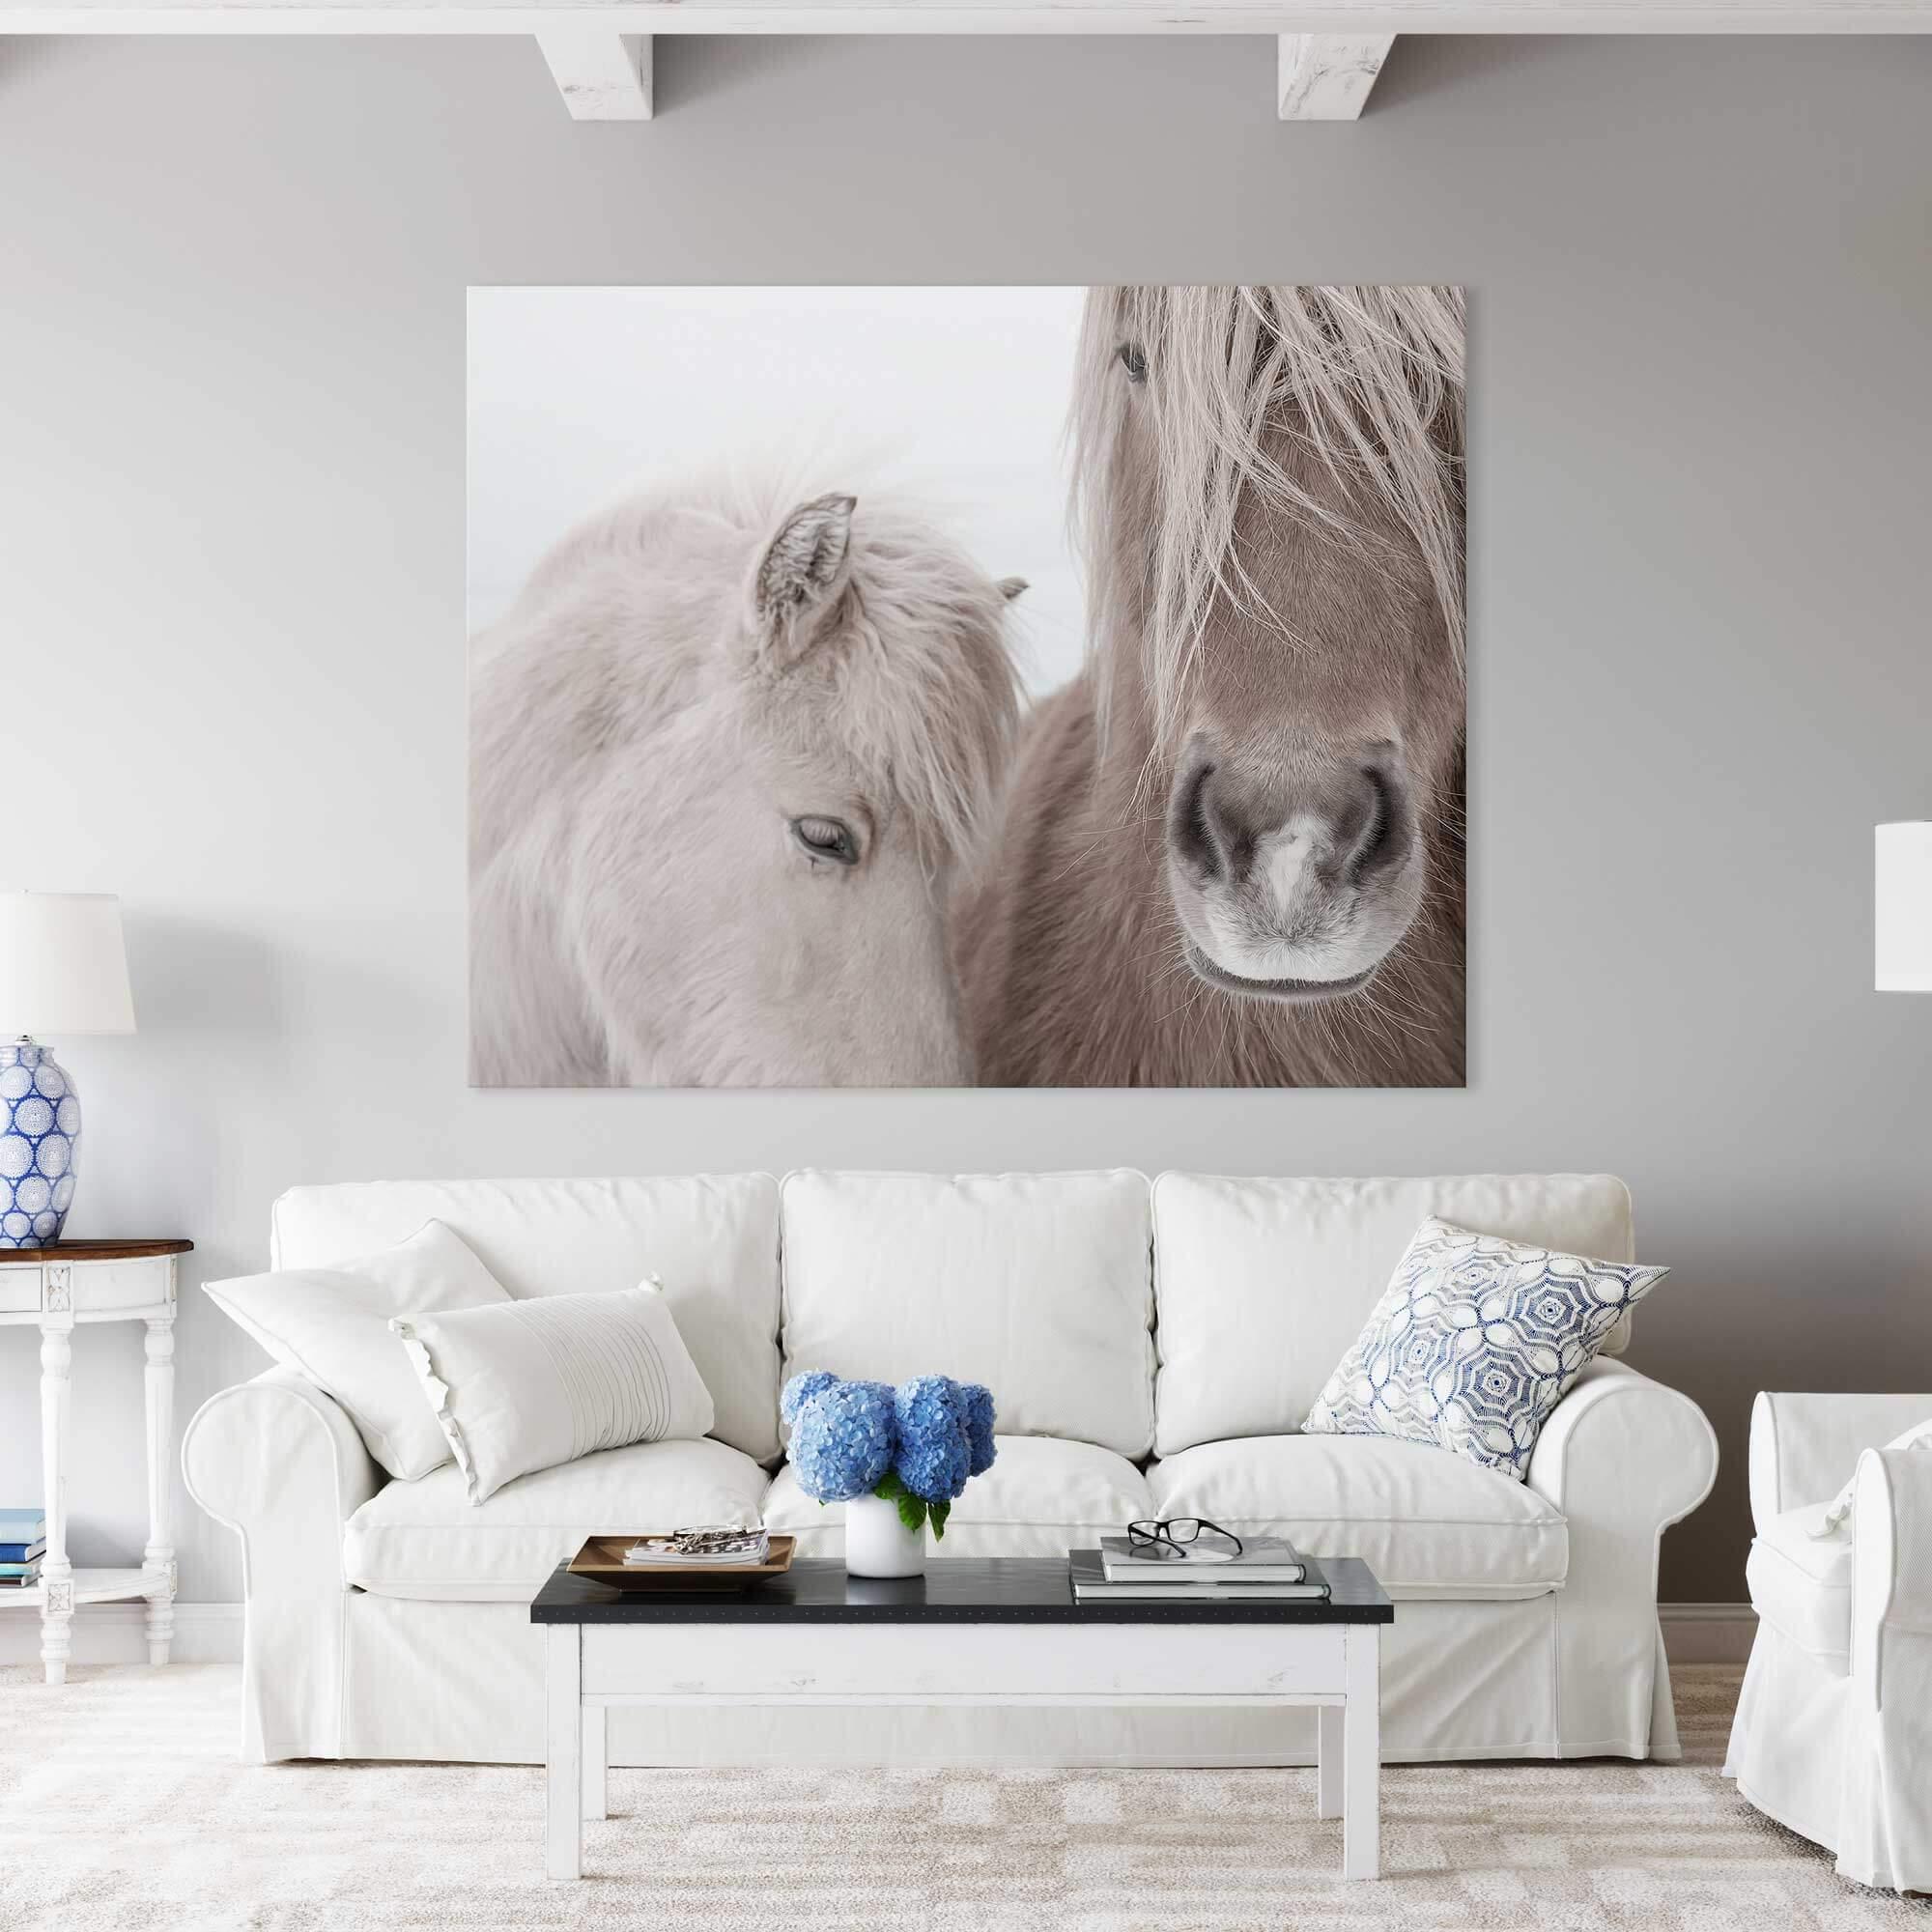 Two Horses Noanahiko Photo Print 0144